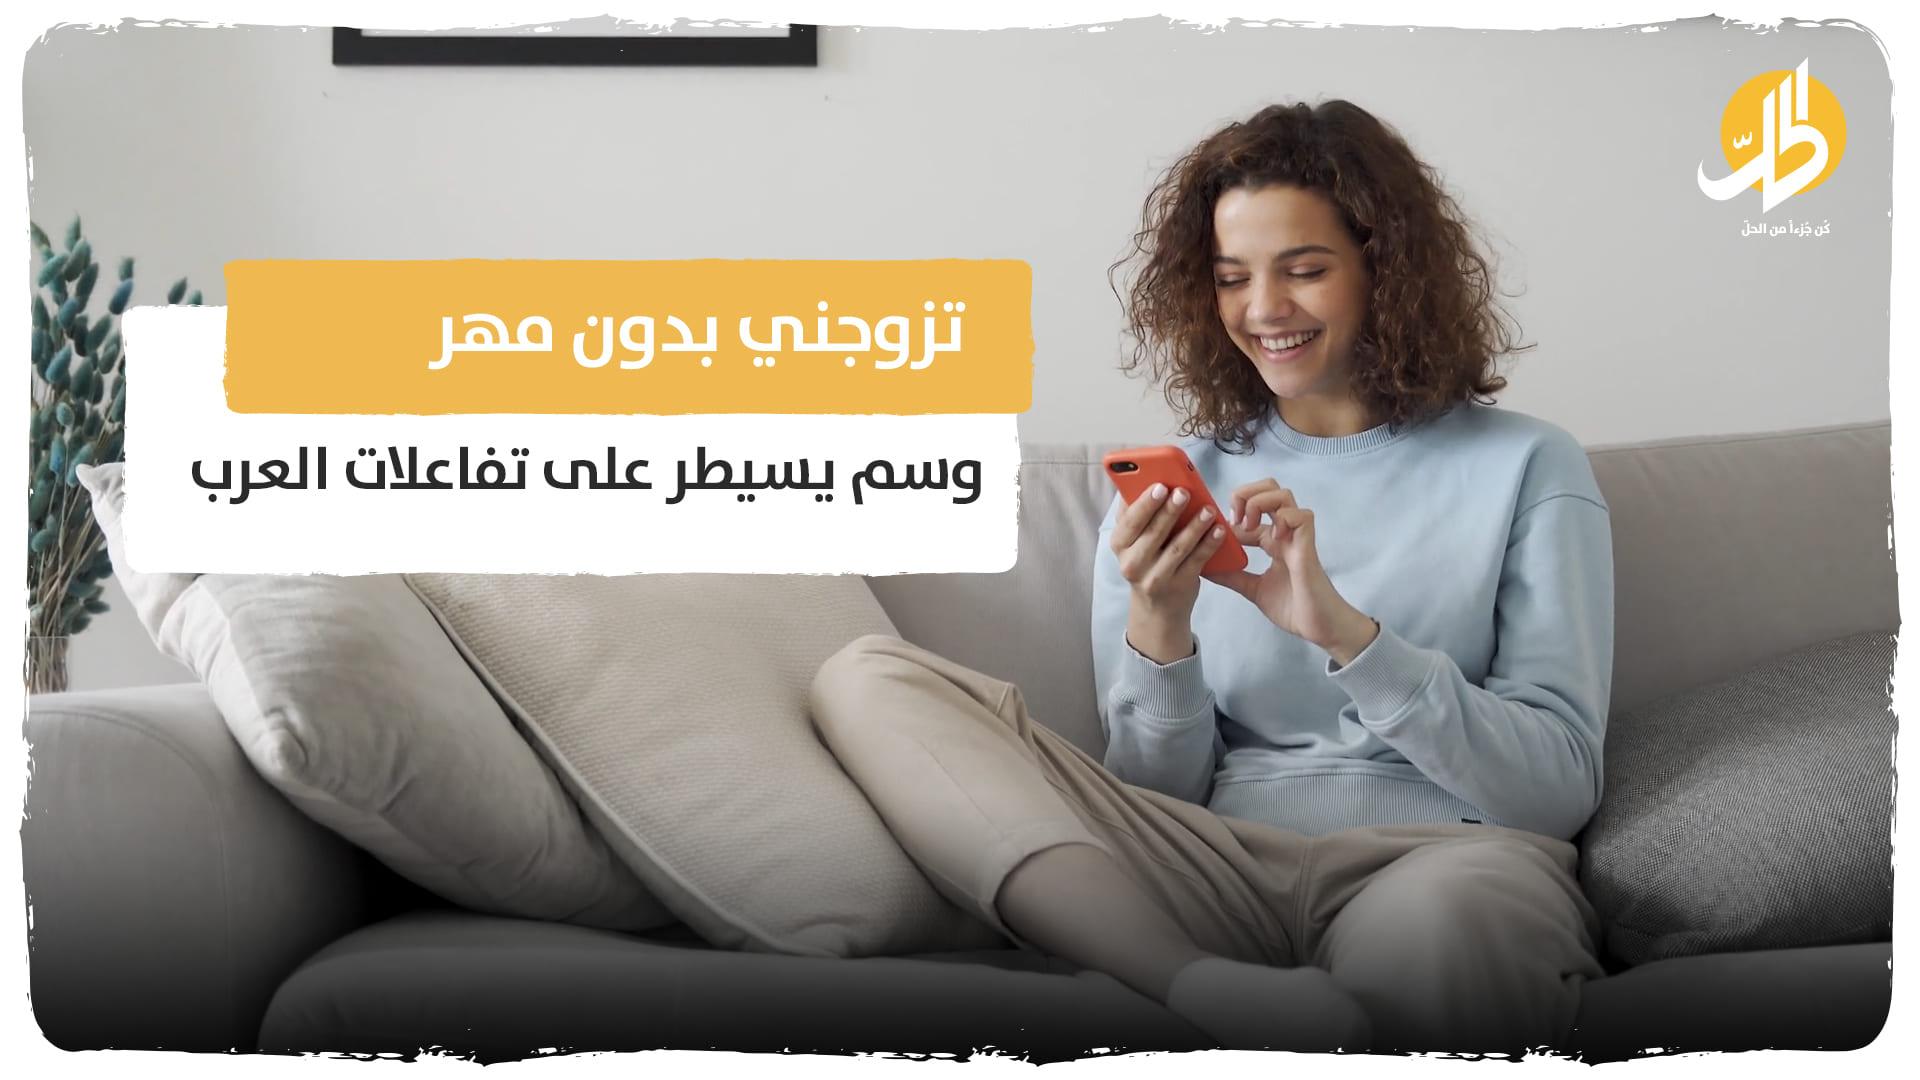 #تزوجني_بدون_مهر .. وسم يسيطر على تفاعلات العرب